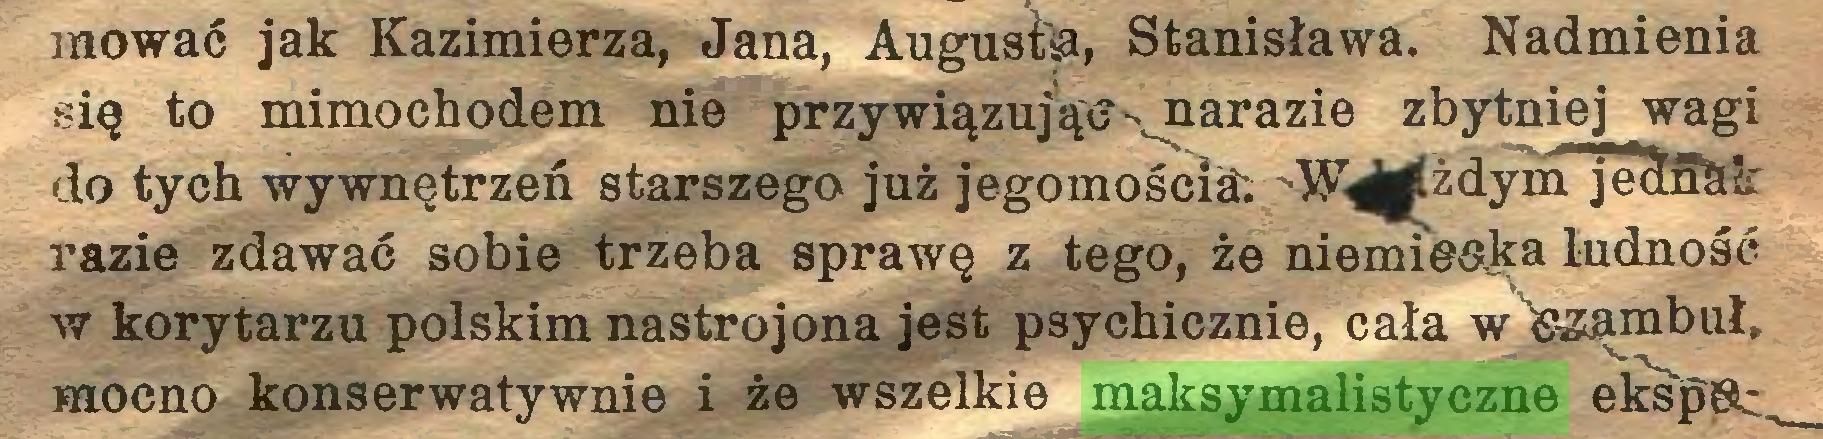 (...) mować jak Kazimierza, Jana, Augusfoa, Stanisława. Nadmienia się to mimochodem nie przywiązując ^narazie zbytniej wagi do tych wywnętrzeń starszego już jegomościa; - dym jednak razie zdawać sobie trzeba sprawę z tego, że niemie&ka ludność w korytarzu polskim nastrojona jest psychicznie, cała w <azambuł, mocno konserwatywnie i że wszelkie maksymalistyczne eksp&r...